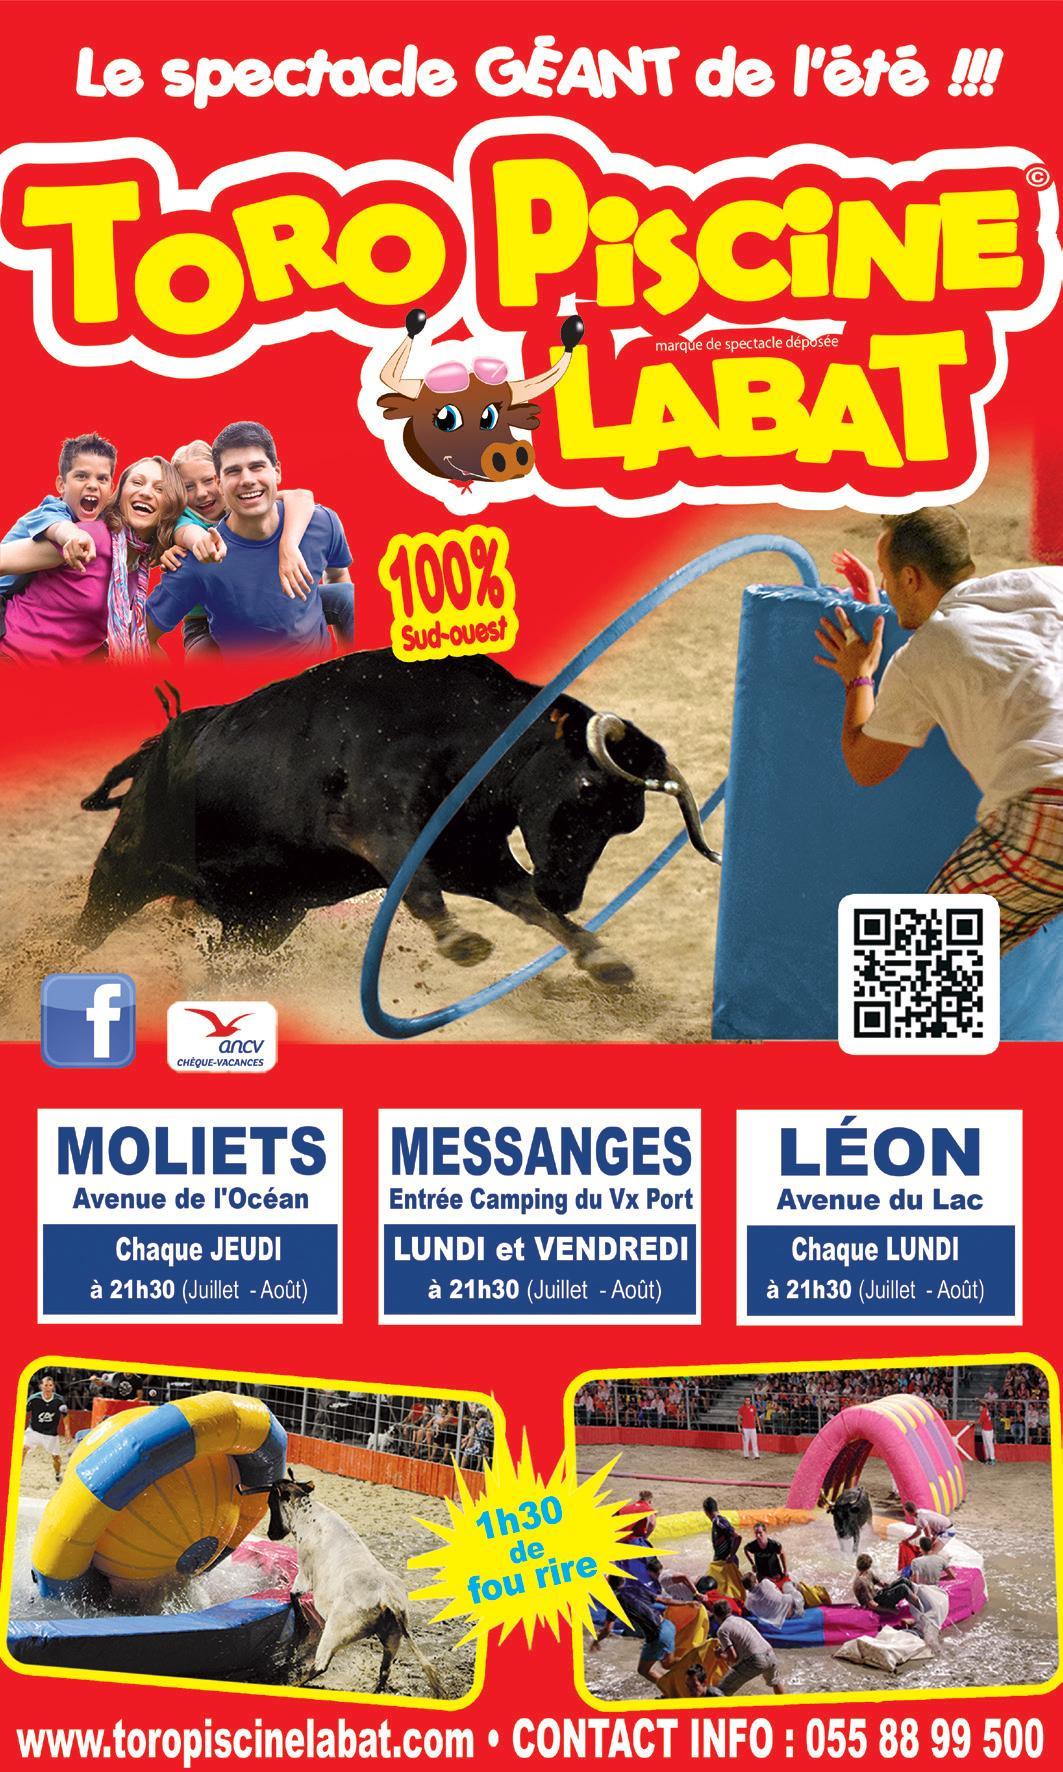 Spectacle Toro Piscine Labat À Messanges Le 01/07/2019 ... dedans Toro Piscine Labat